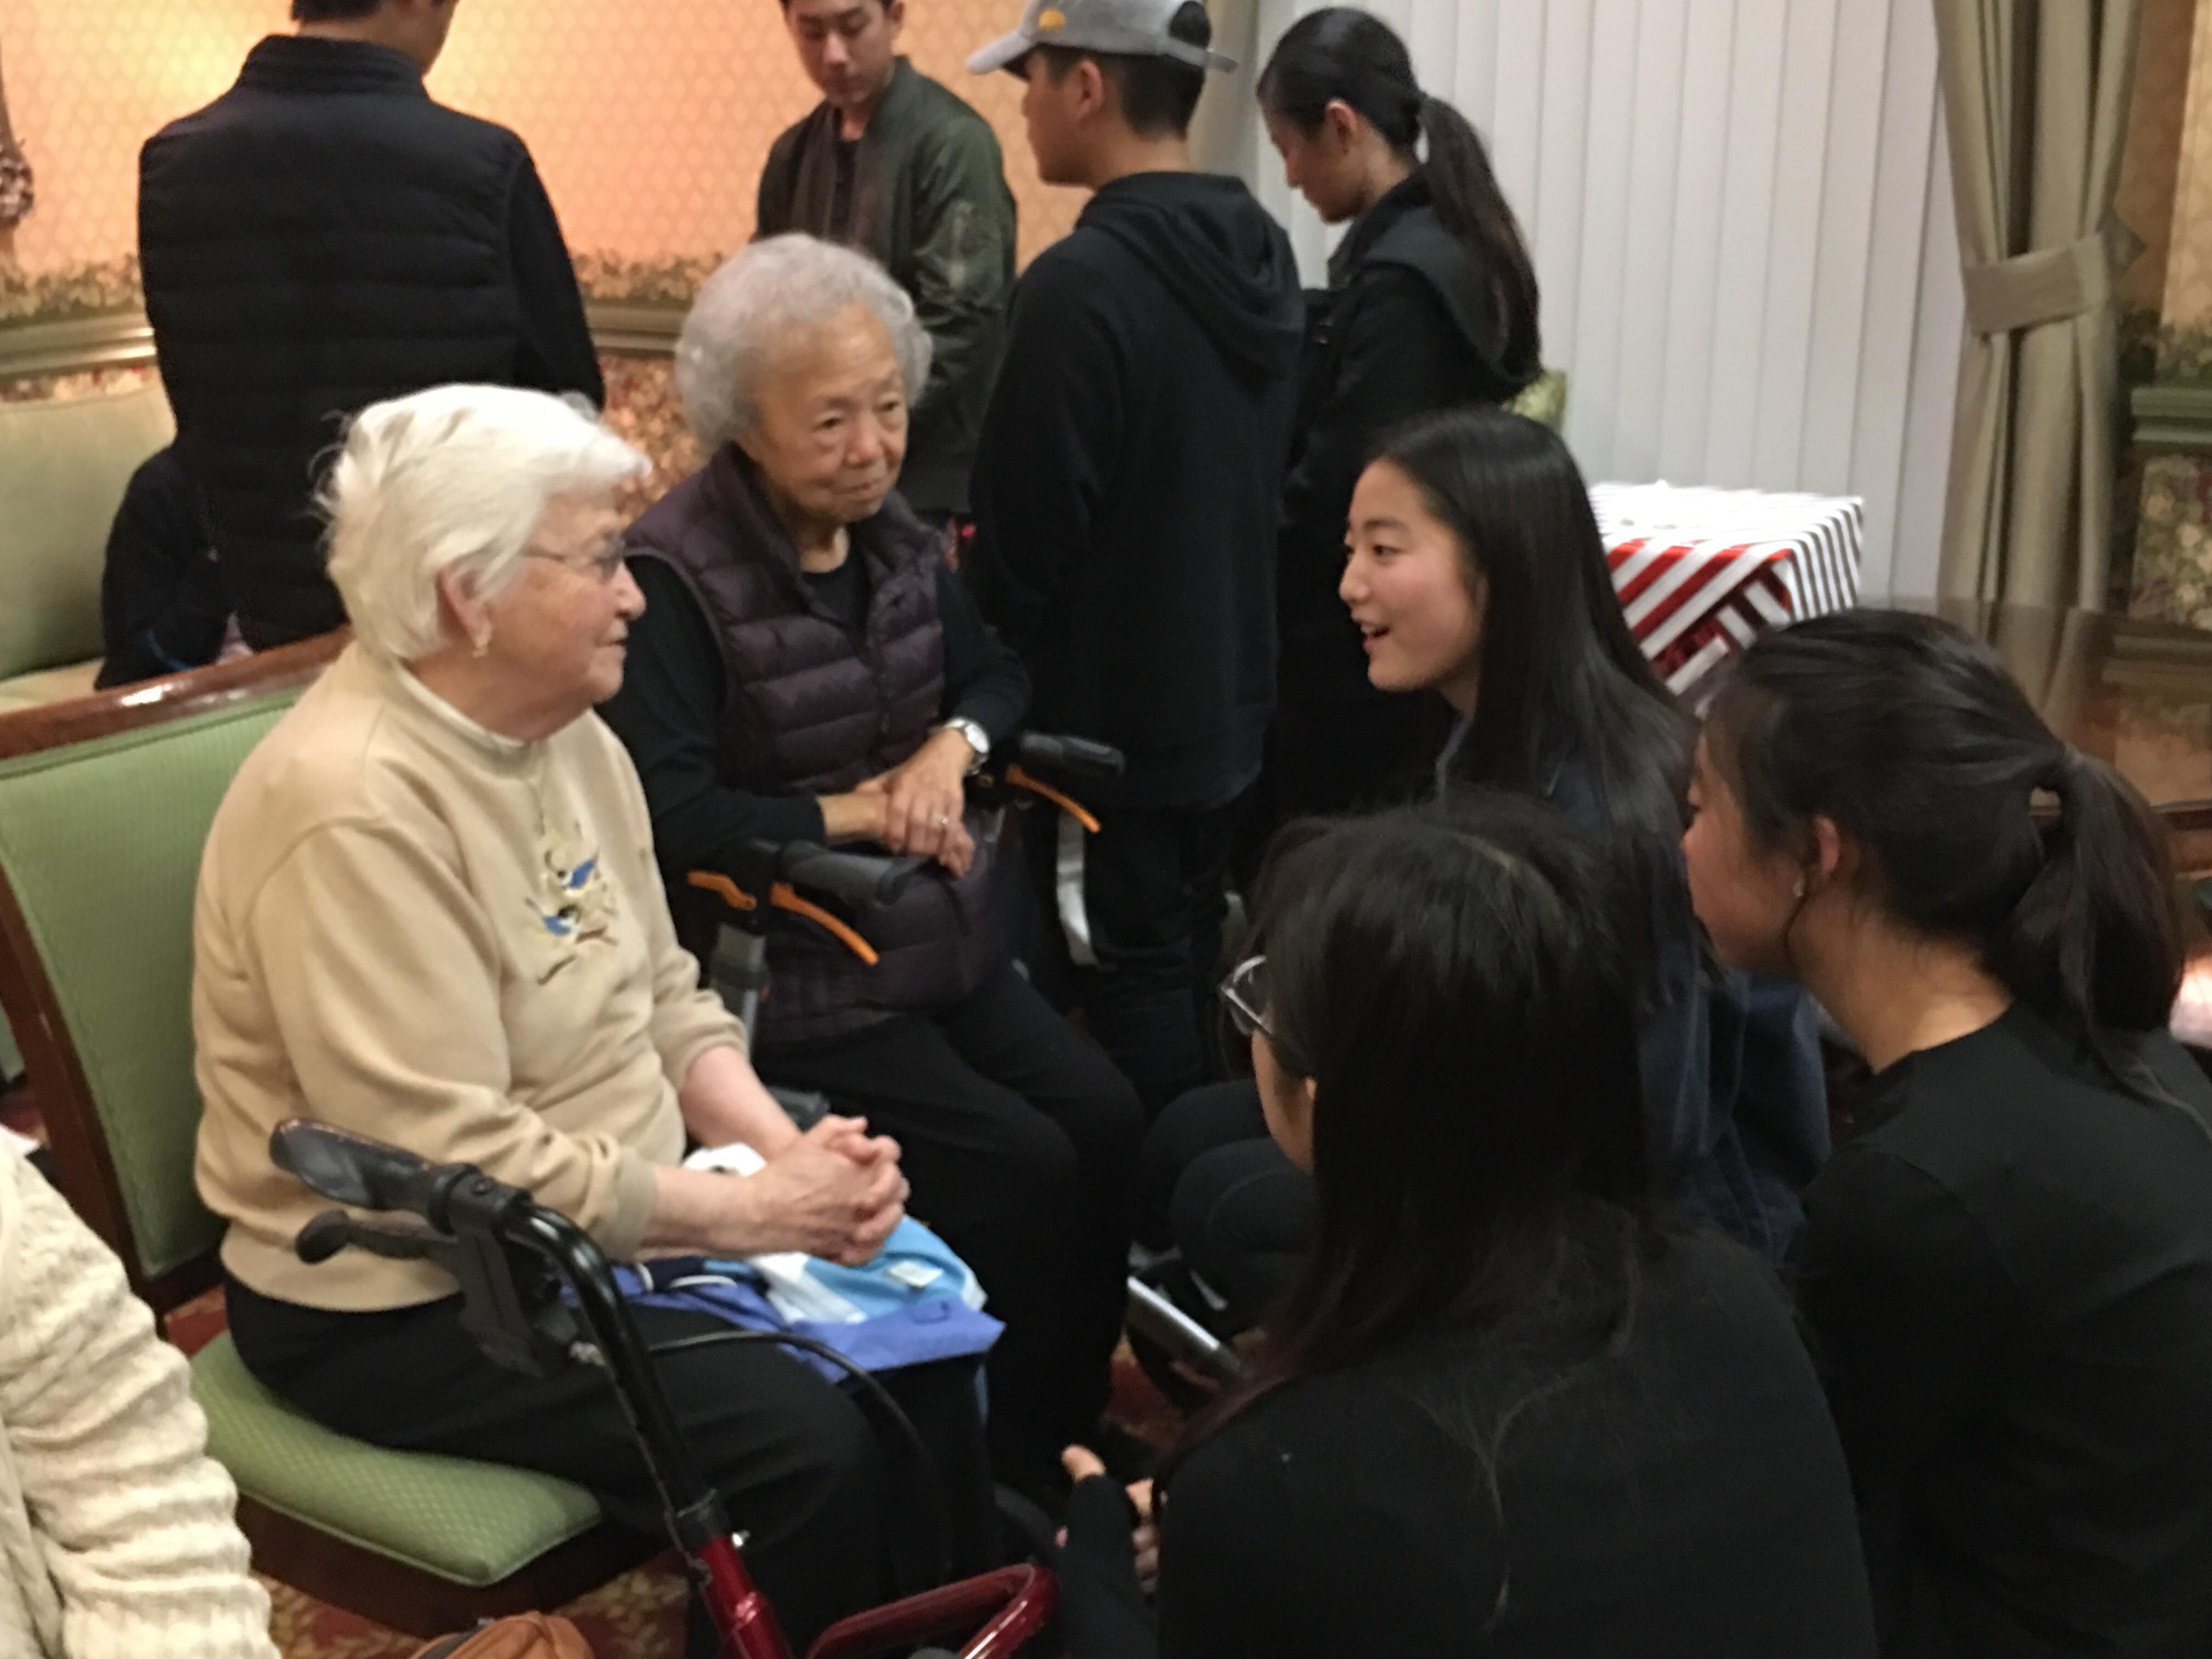 Senior center visit4.jpg